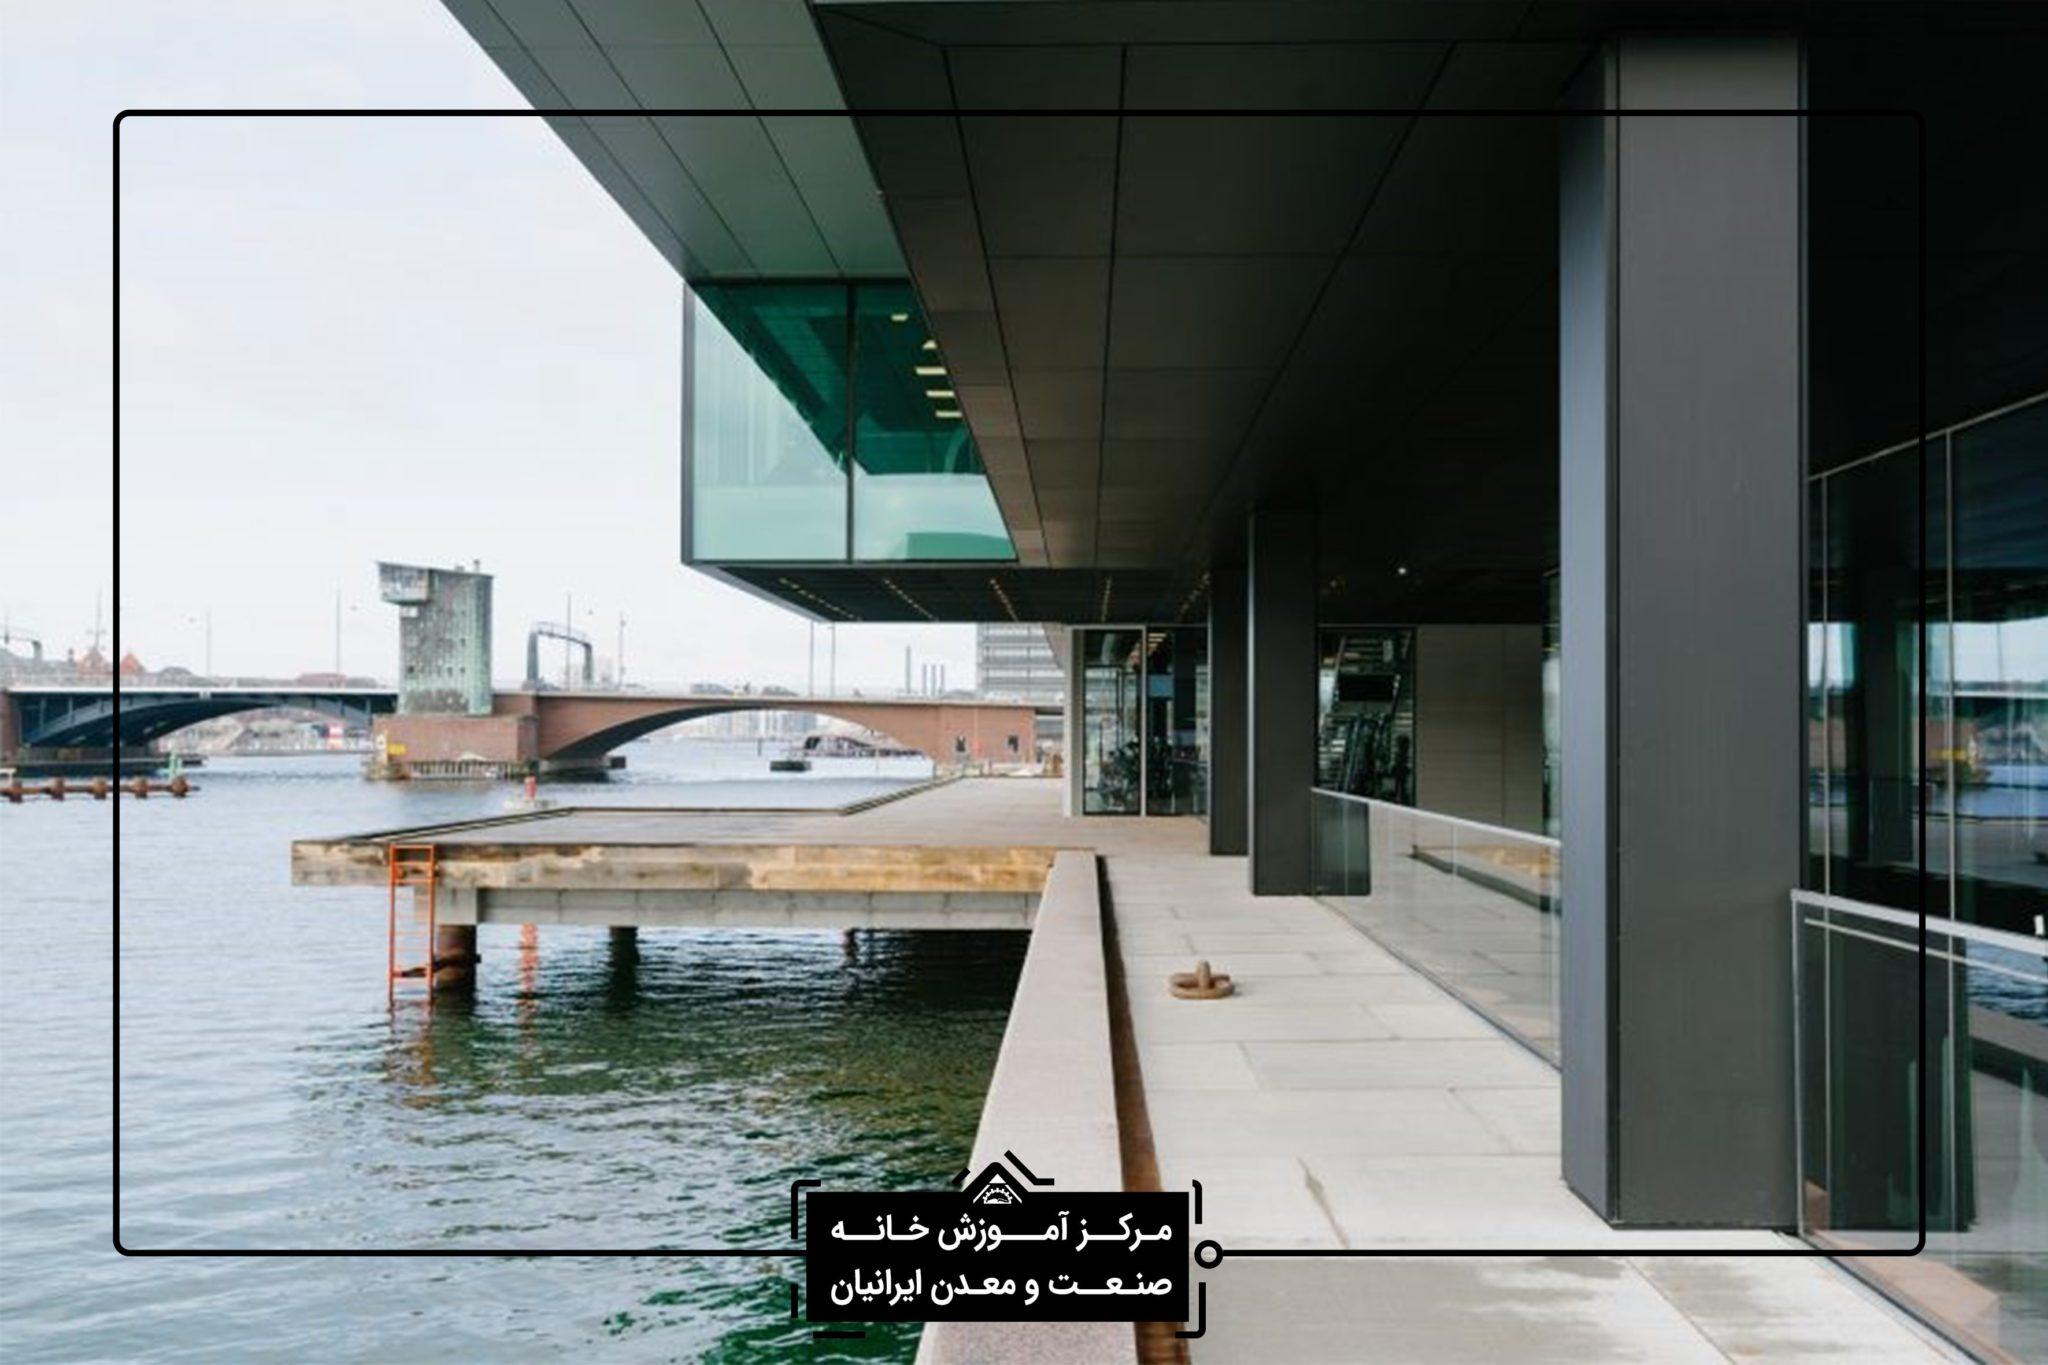 طراحی داخلی در شیراز scaled - دوره جامع نرم افزارهای معماری